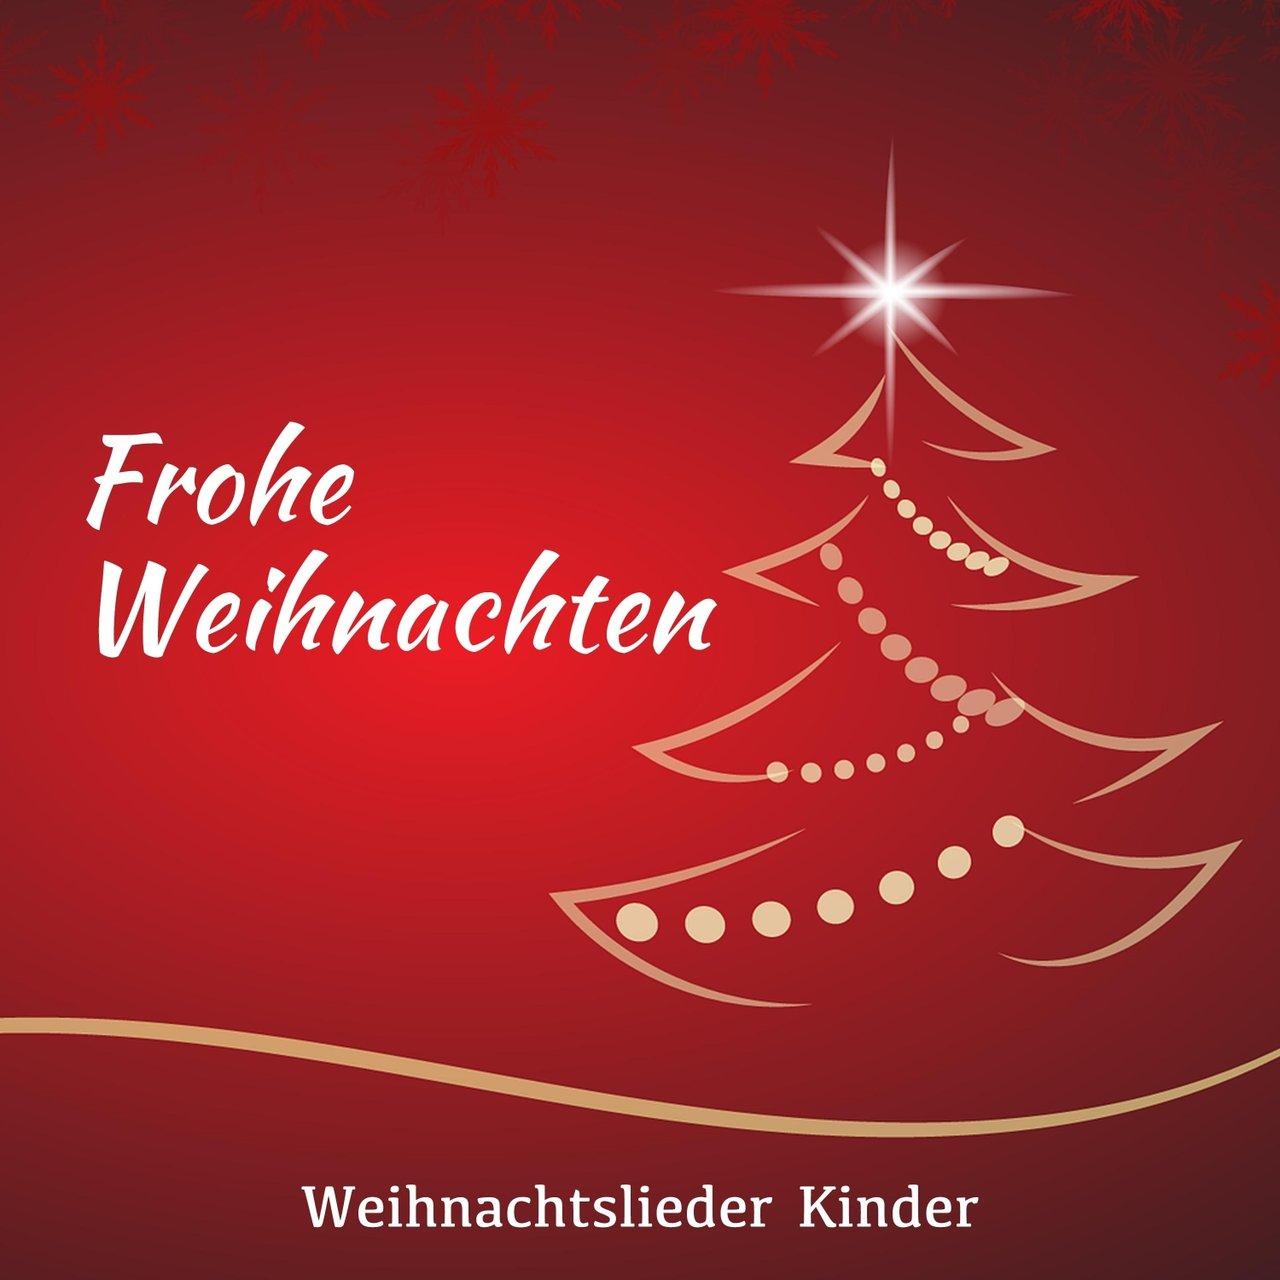 Sympathisch Kling Glöckchen Sammlung Von Frohe Weihnachten: Weihnachtslieder Kinder, Moderne Weihnachtslieder, Entspannende